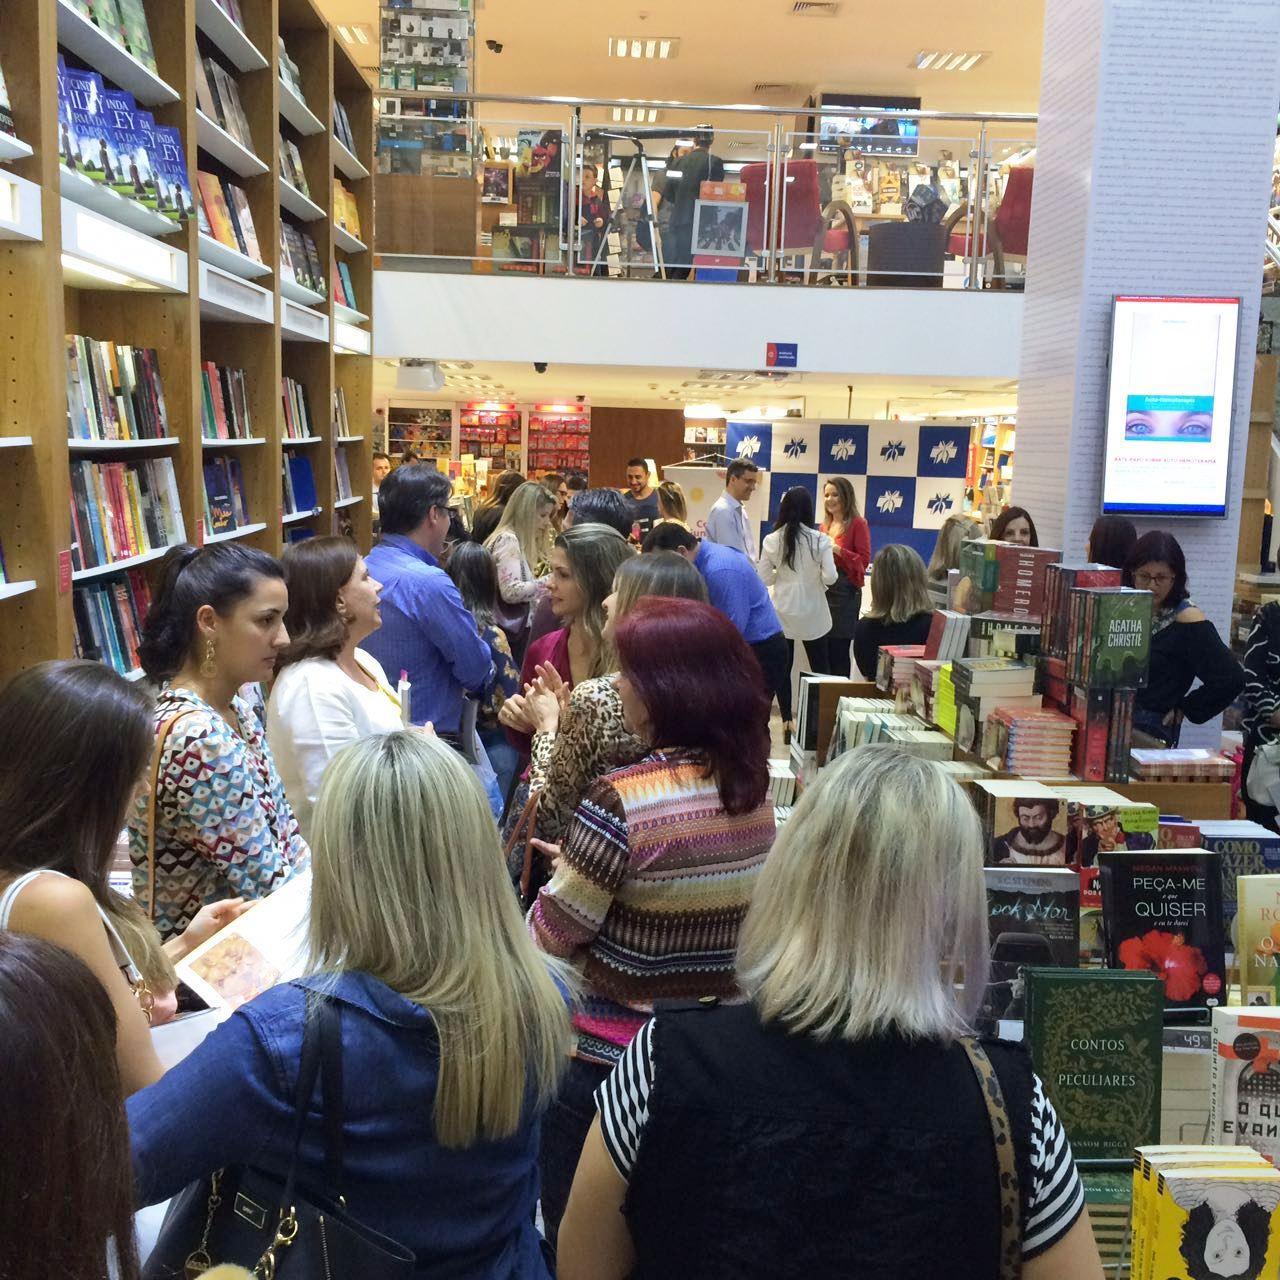 Uma fila de gente muito querida que passou pelas livrarias para me dar um abraço